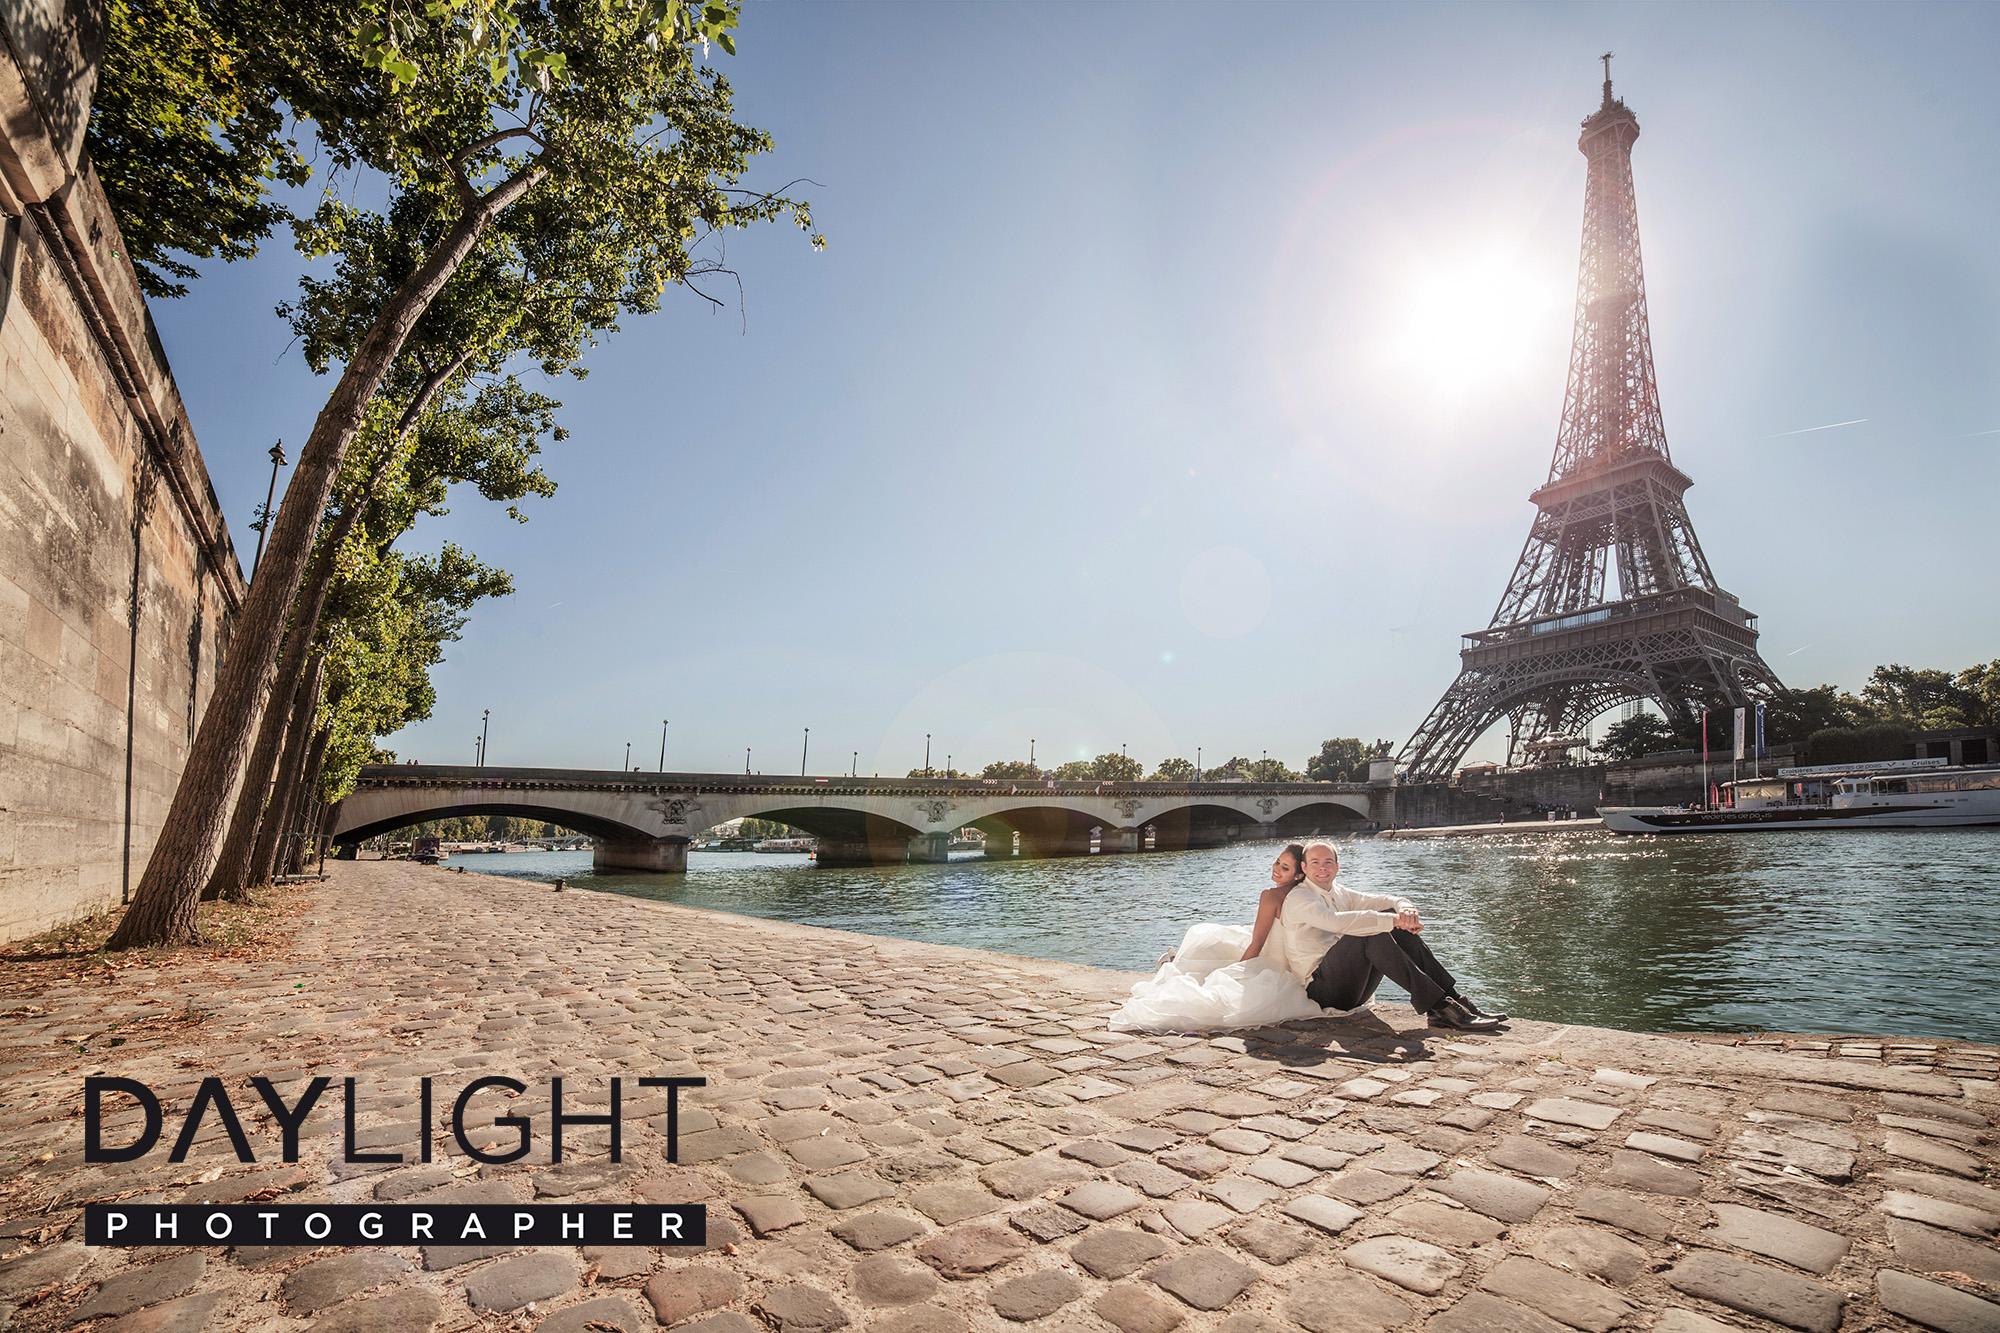 daylight photographer_hochzeits-fotografen-paris